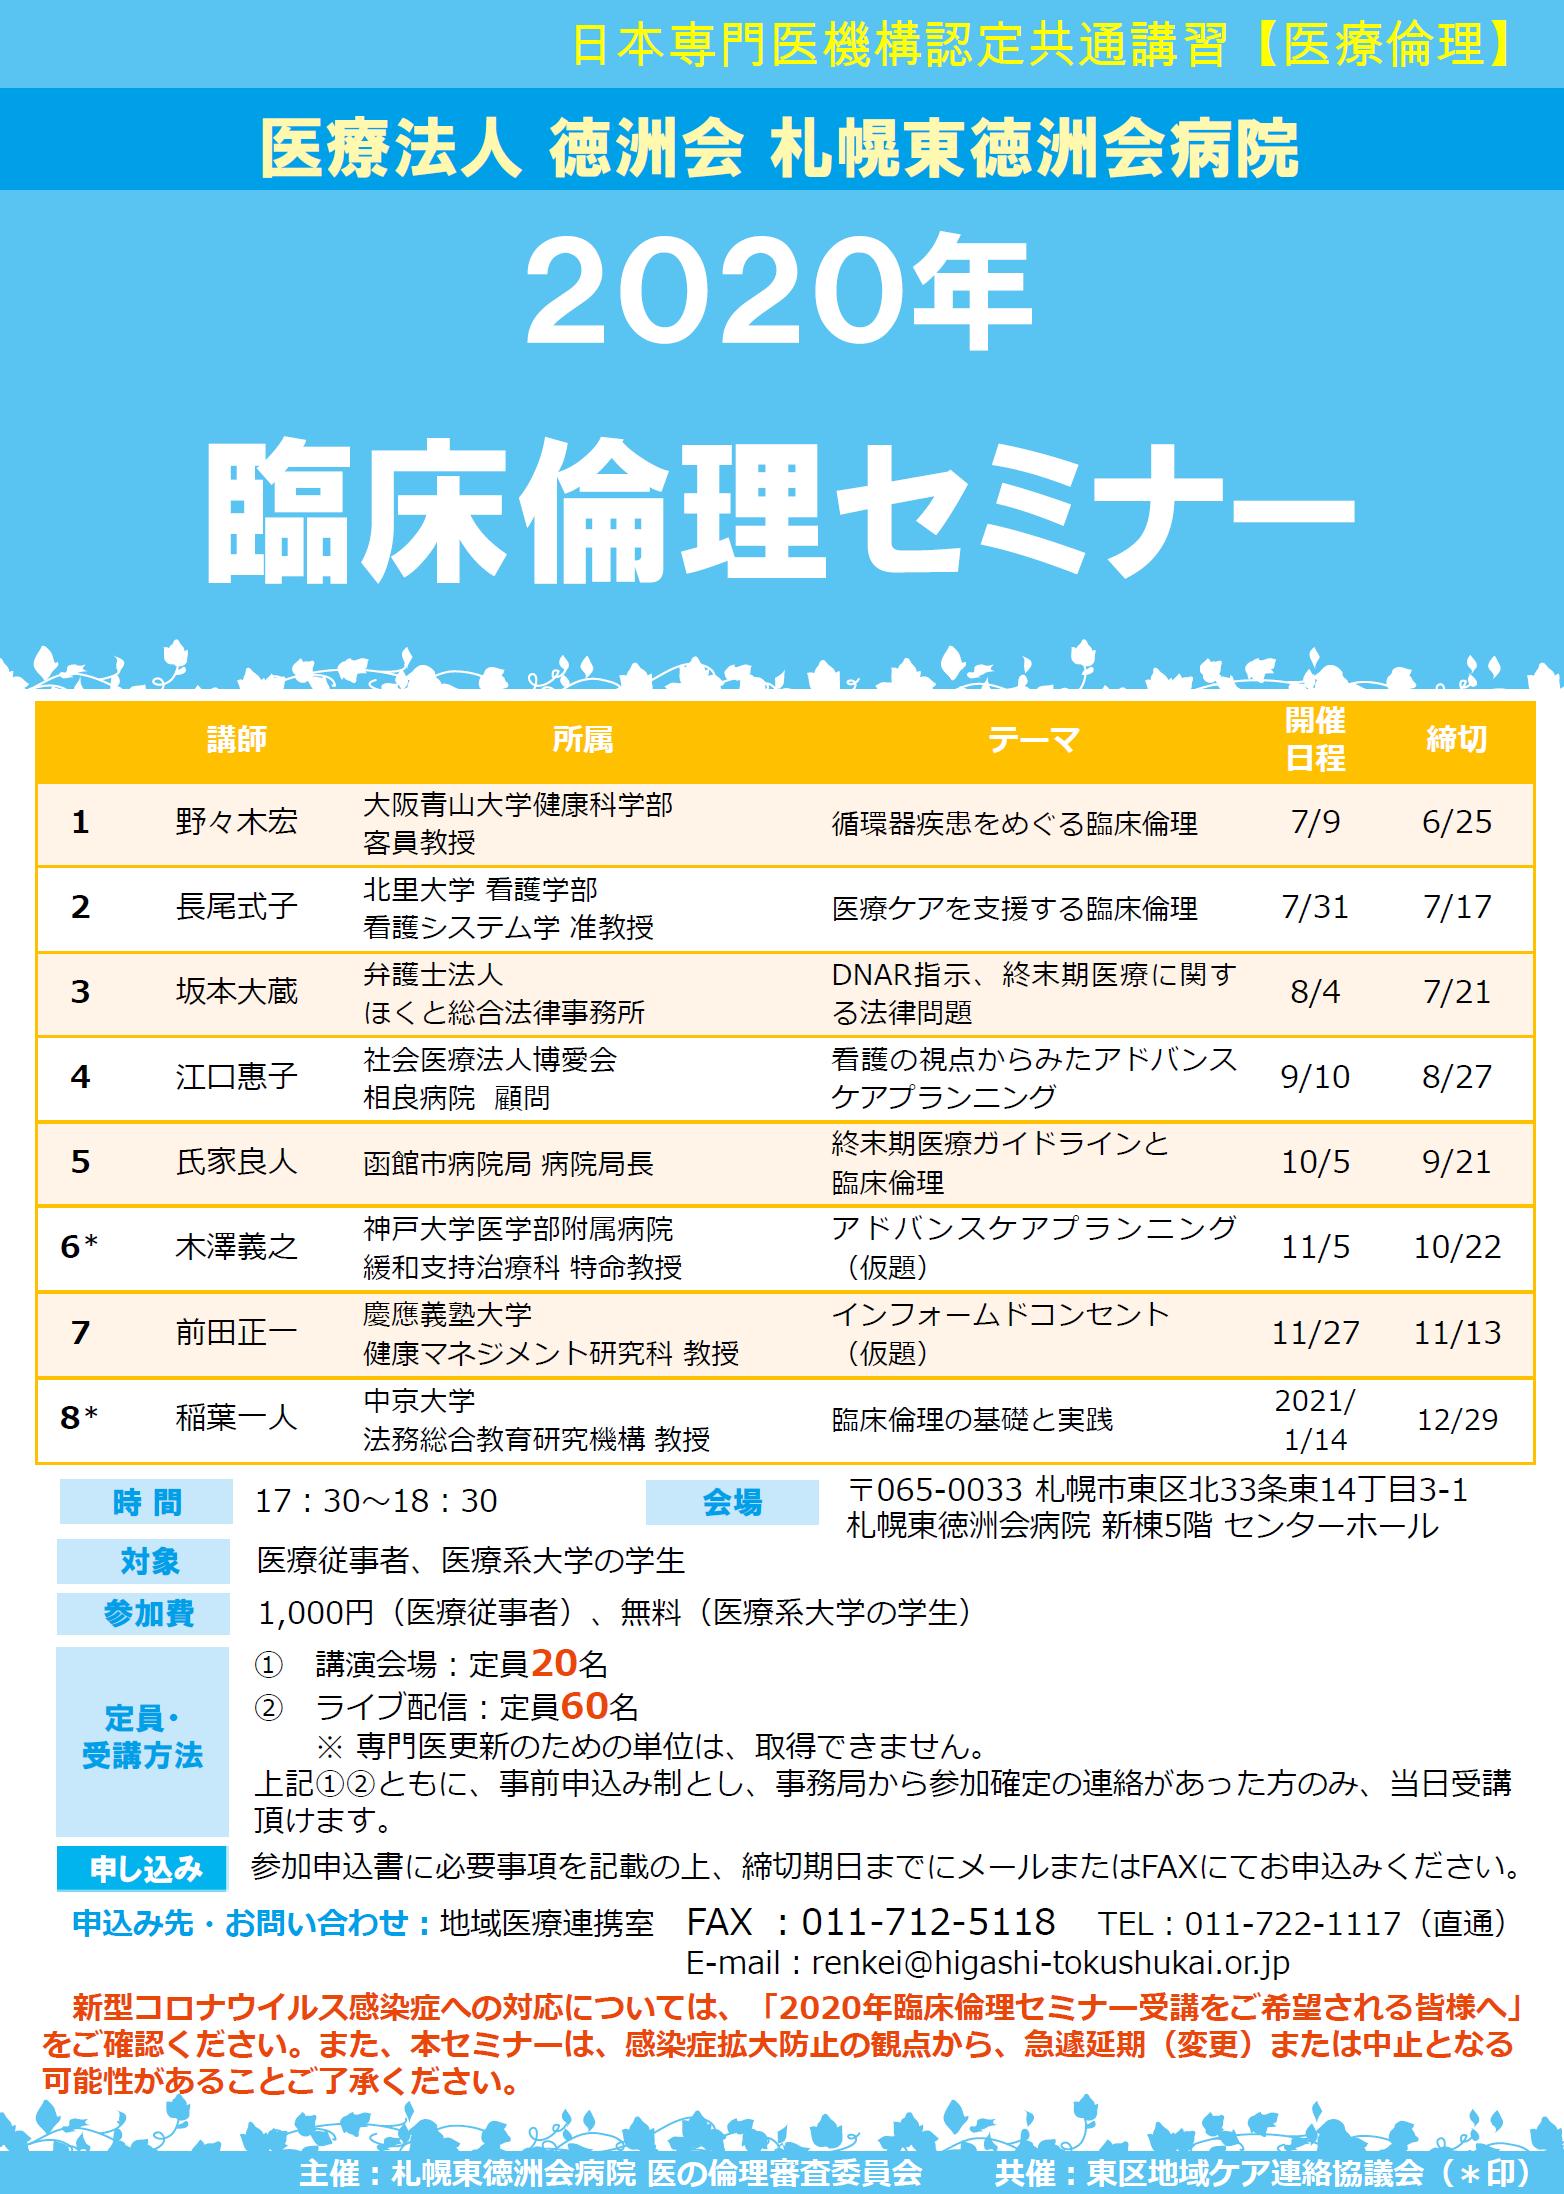 【医療機関用】臨床倫理セミナー.png